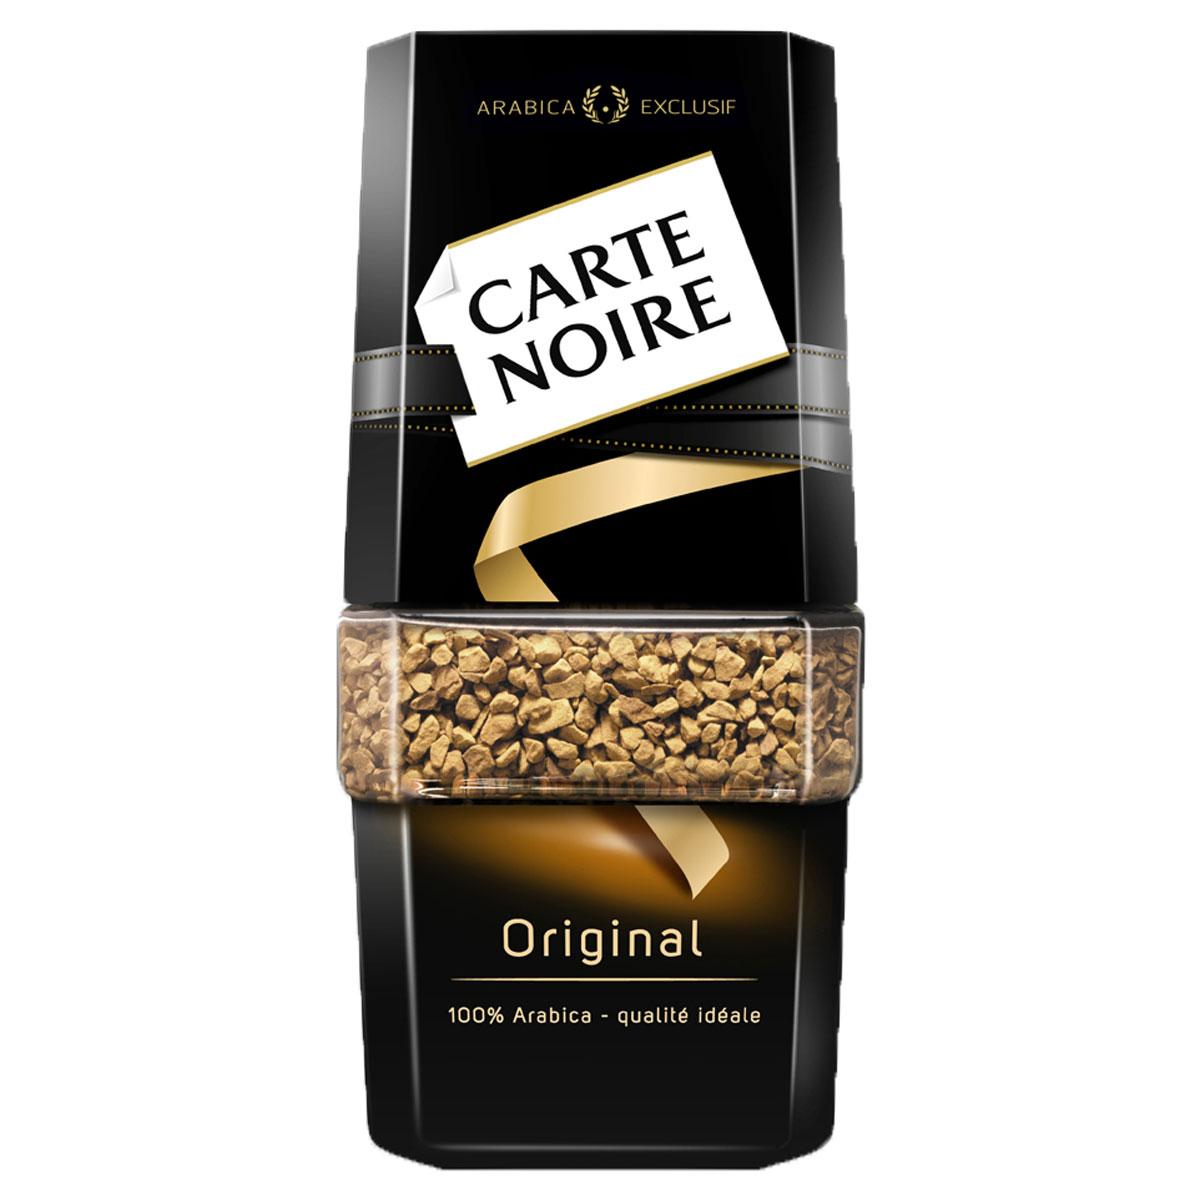 Carte Noire Original кофе растворимый, 47,5 г605025Достигнув совершенства в кофейном мастерстве, Carte Noire создал новый стандарт качества кофе. Обжарка Carte Noire Огонь и Лед раскрывает всю интенсивность и богатство вкуса натурального кофейного зерна. Так же как лед украшает пламя, холодный поток останавливает обжарку на самом пике, чтобы создать совершенный насыщенный кофе. В этом столкновении контрастов рождается исключительность Carte Noire -его безупречный насыщенный вкус и непревзойденное качество. Для создания нового вкуса совершенного французского кофе Carte Noire используются высококачественные кофейные зерна 100% Arabica Exclusif.